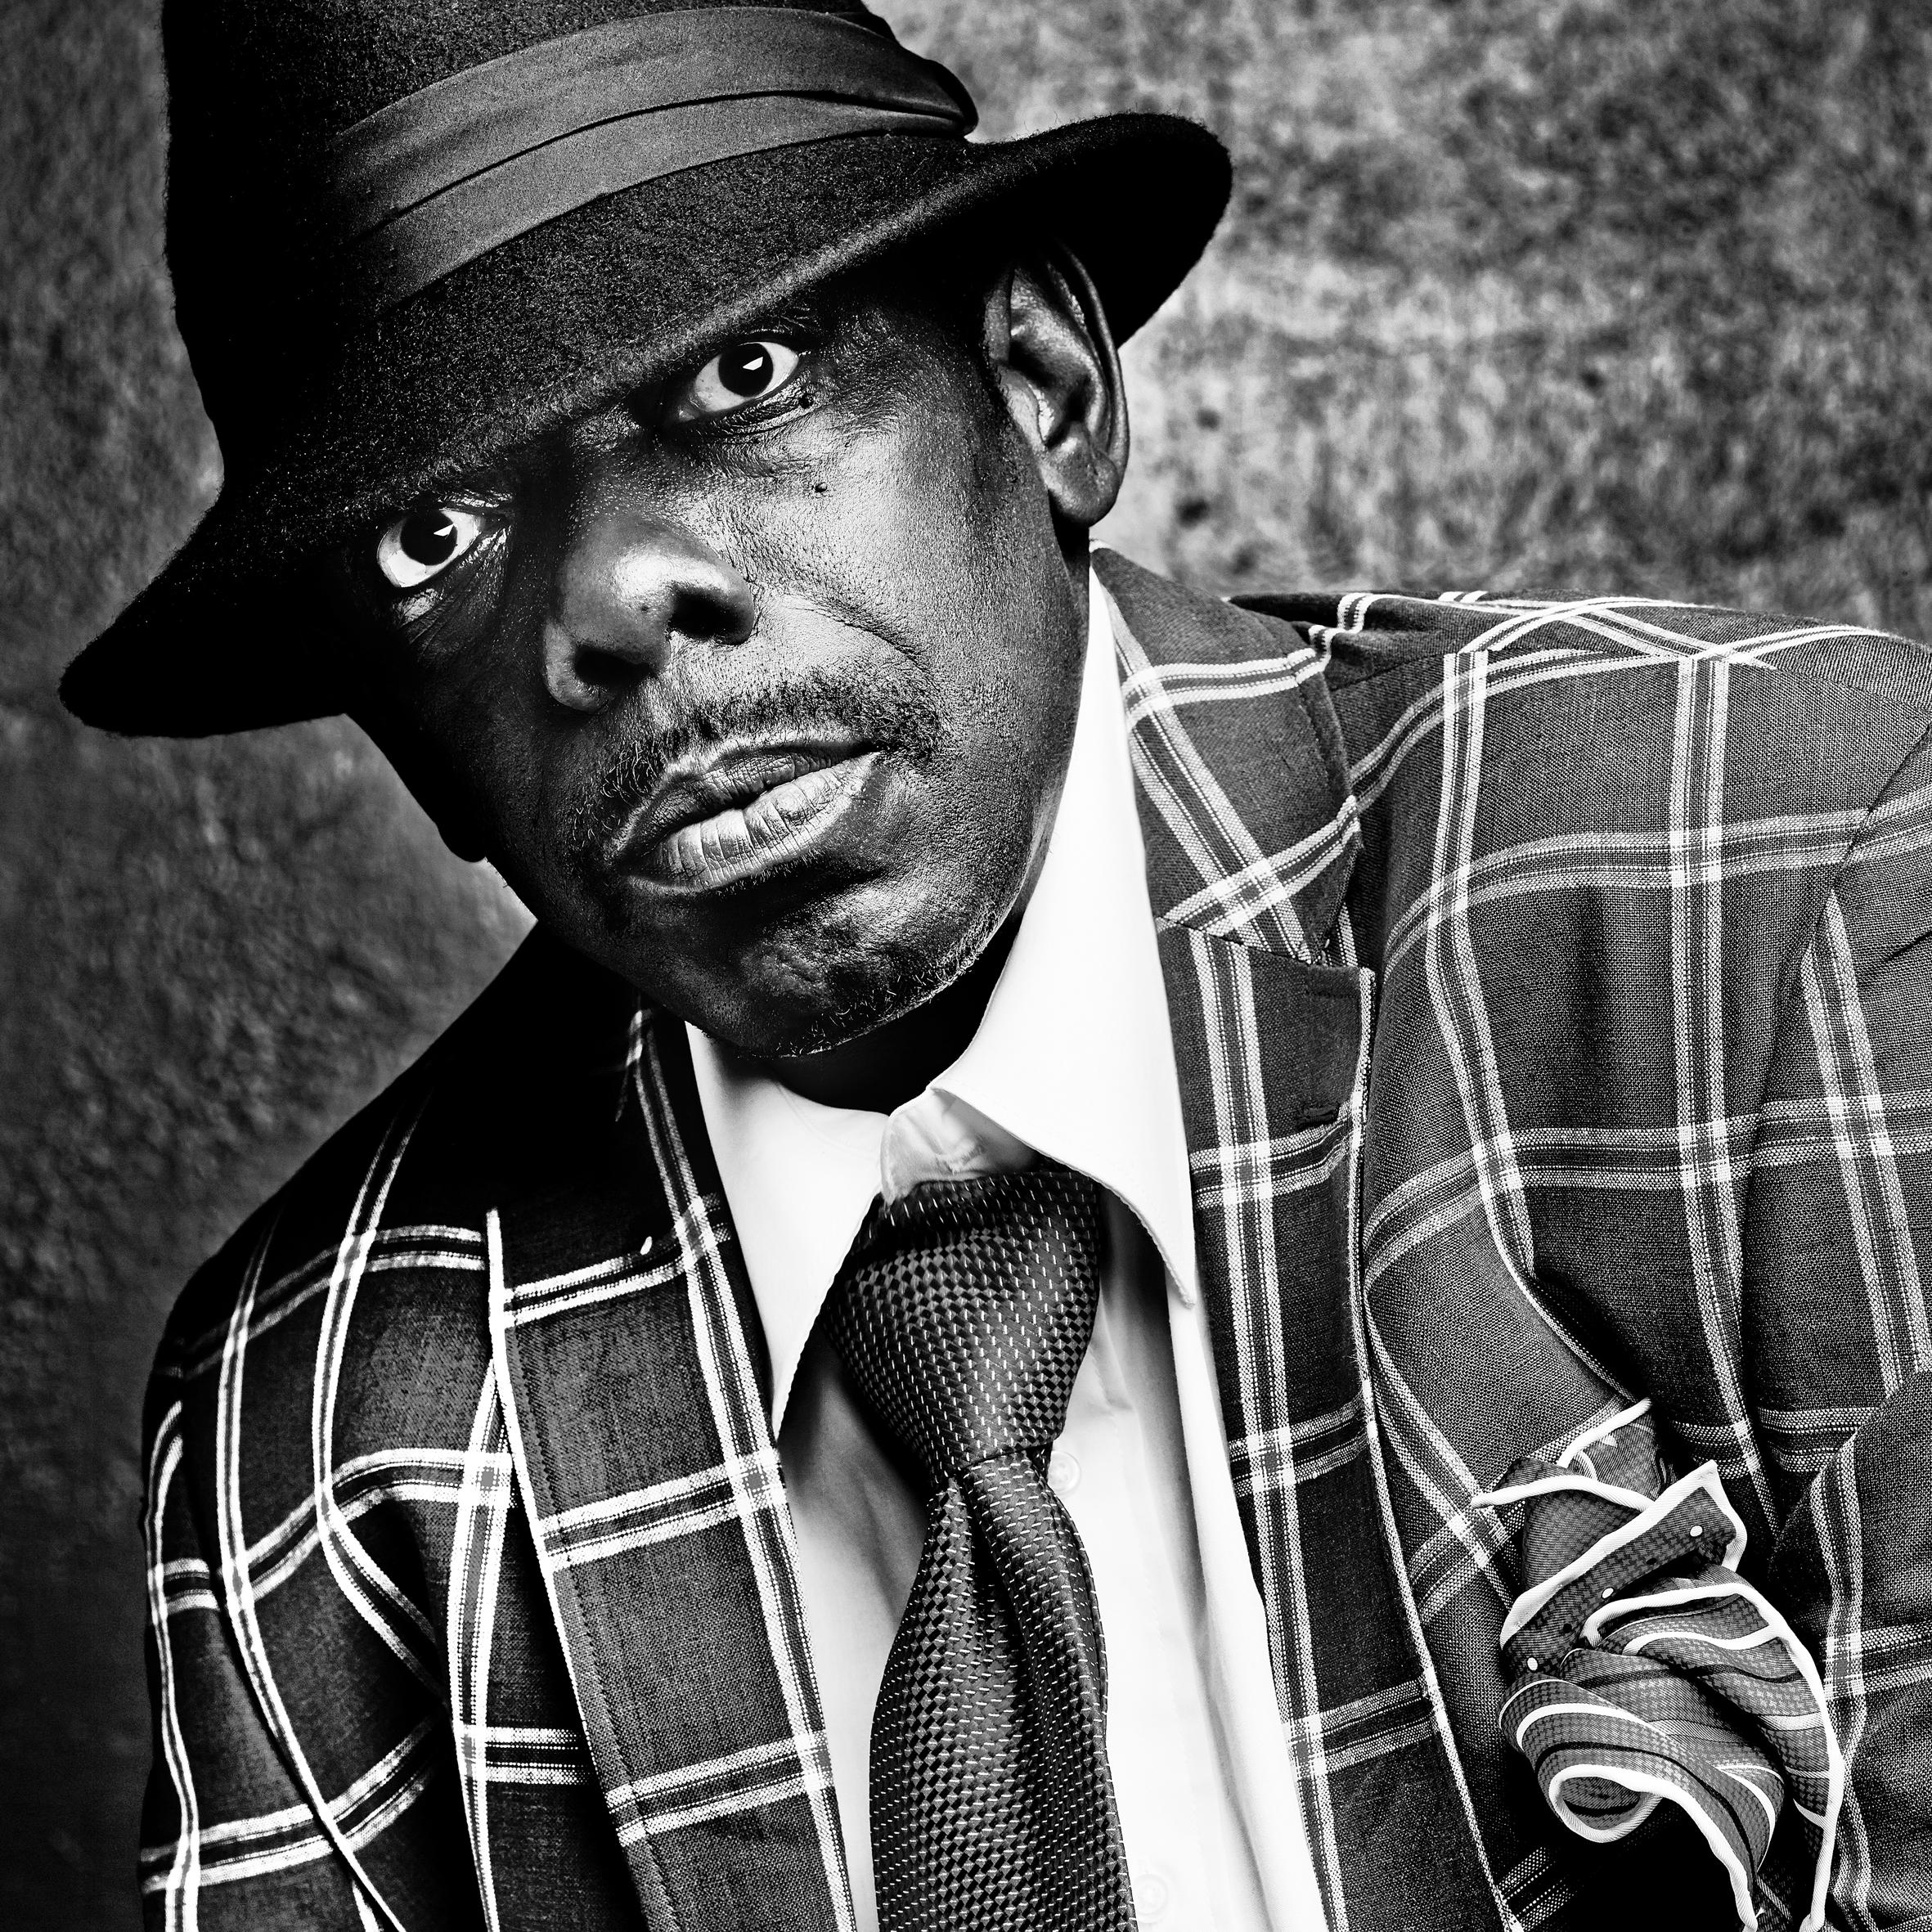 Moh Kouyaté et Lucky Peterson - Critique sortie Jazz / Musiques Gonesse Salle Jacques Brel